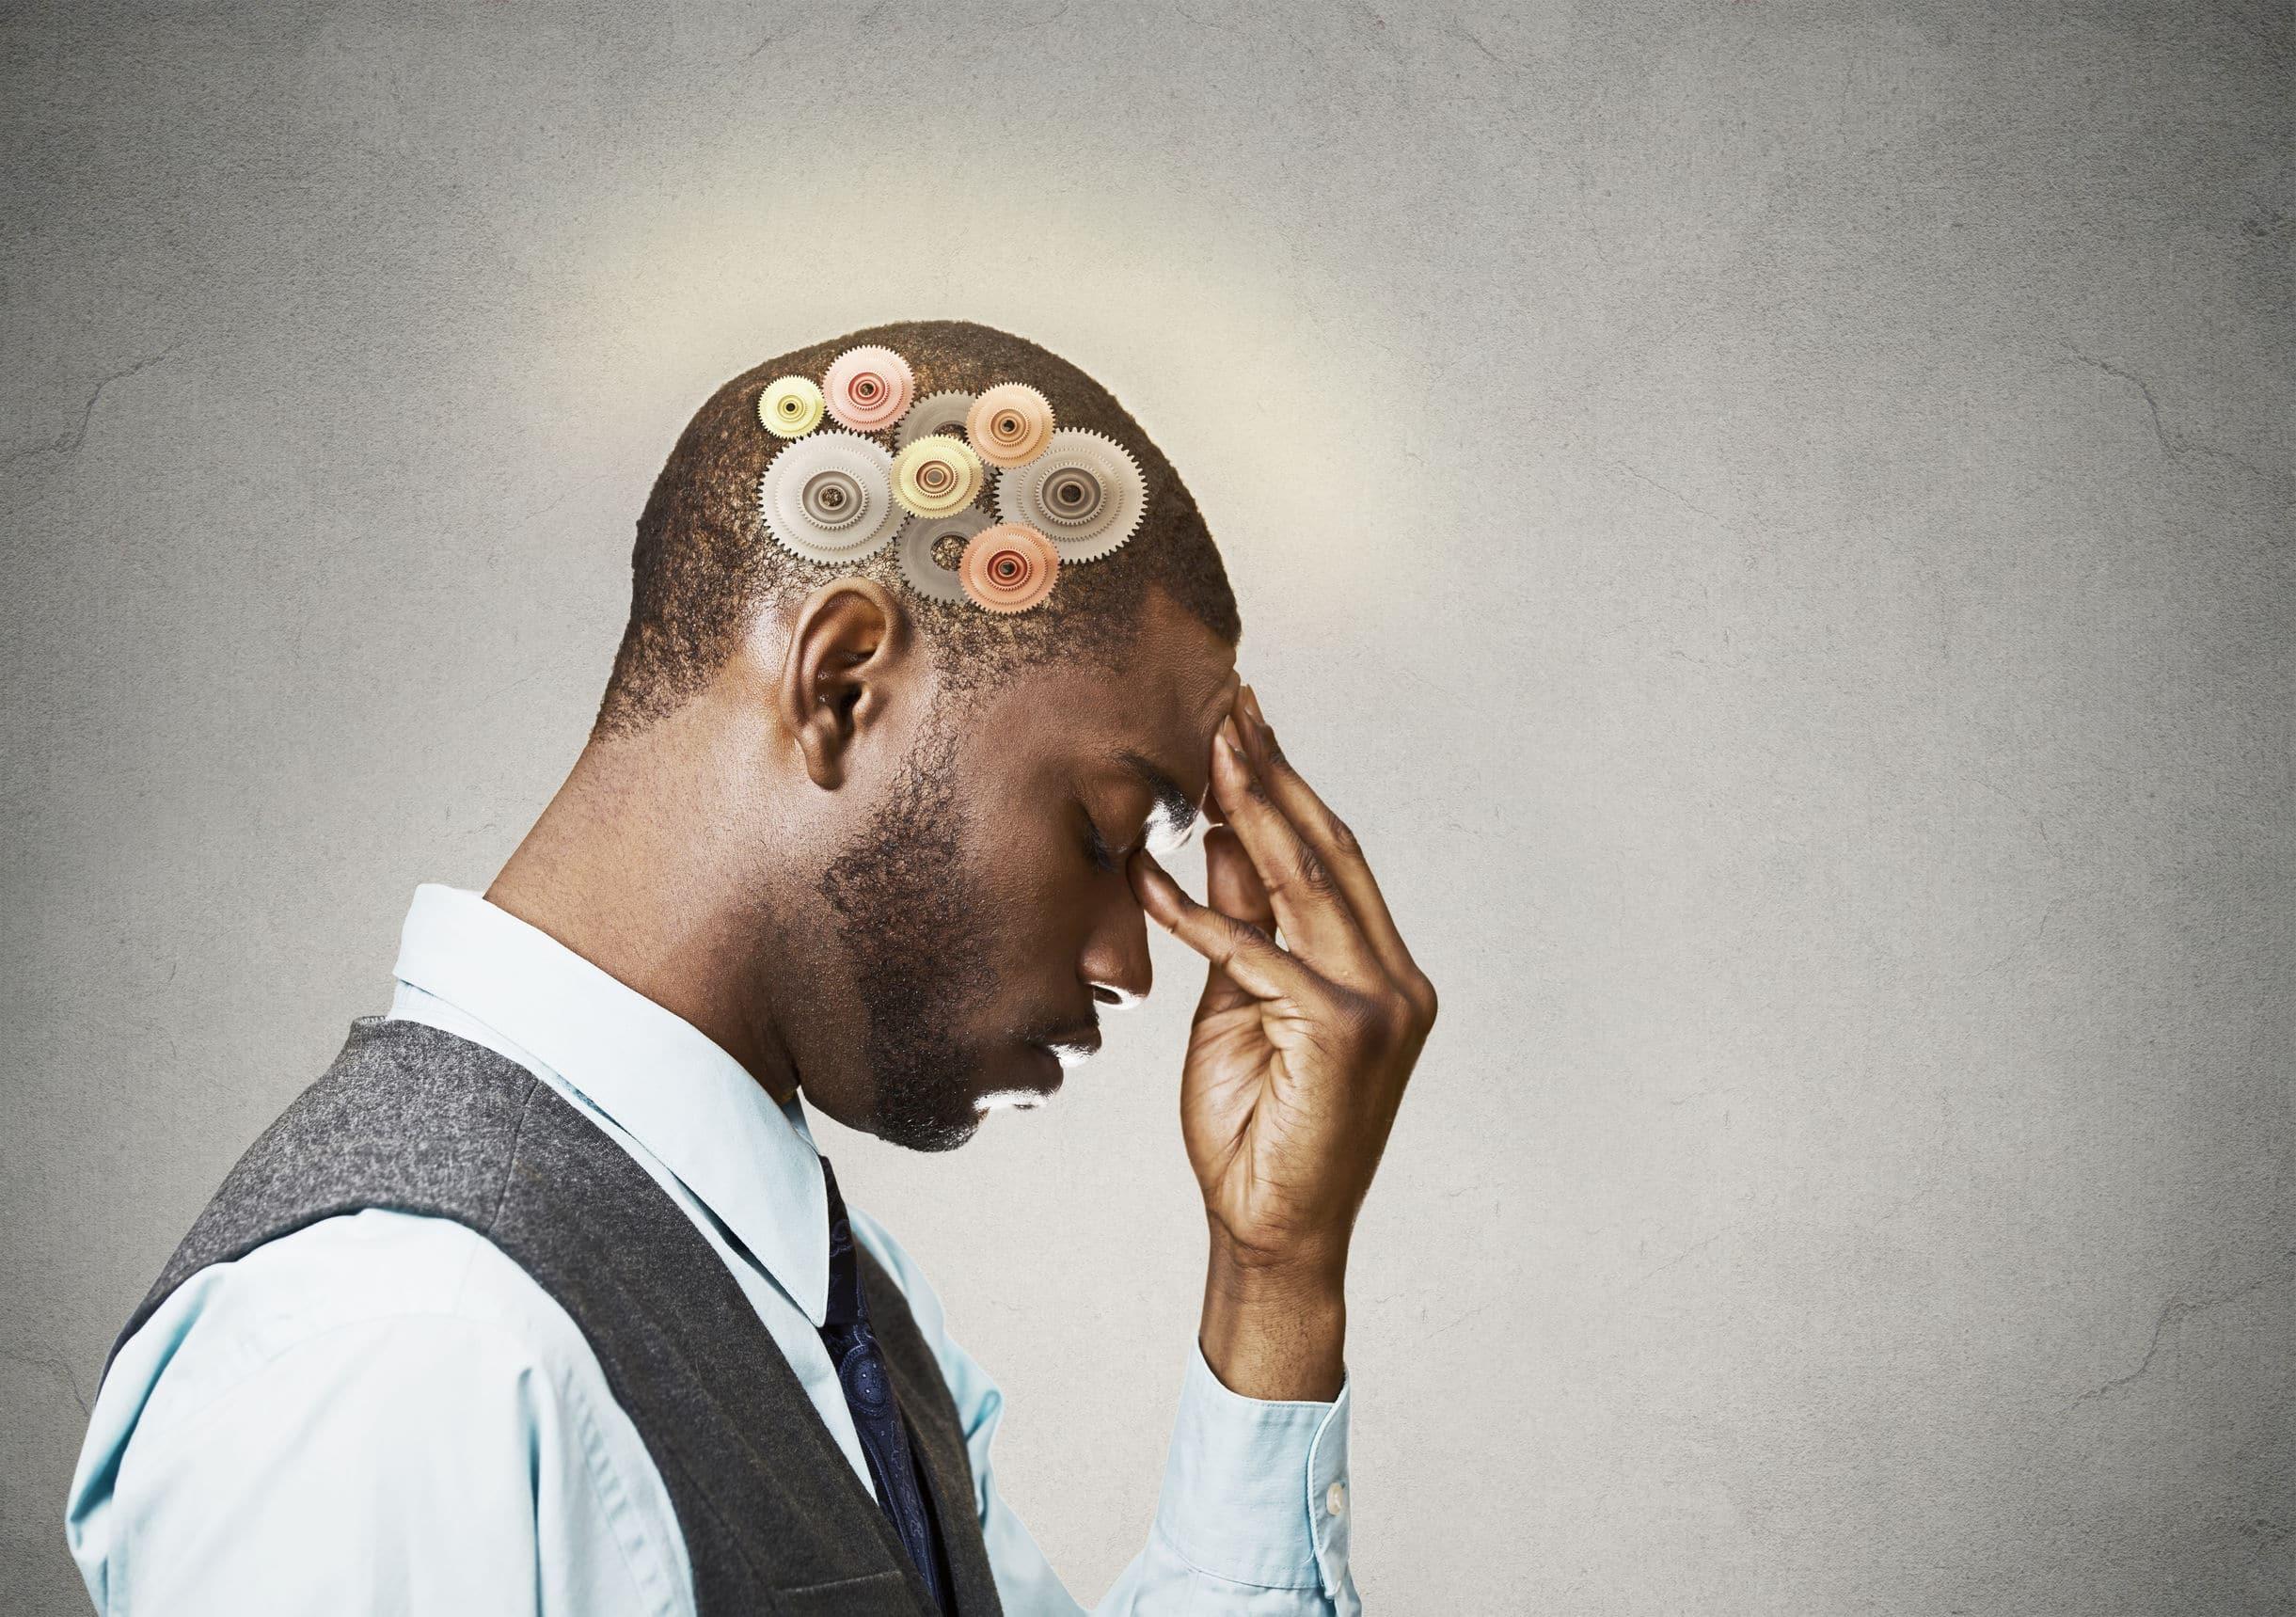 Foto de homem negro pensativo apoiando o rosto na mão de olhos fechados, com desenho de engrenagens na sua cabeça